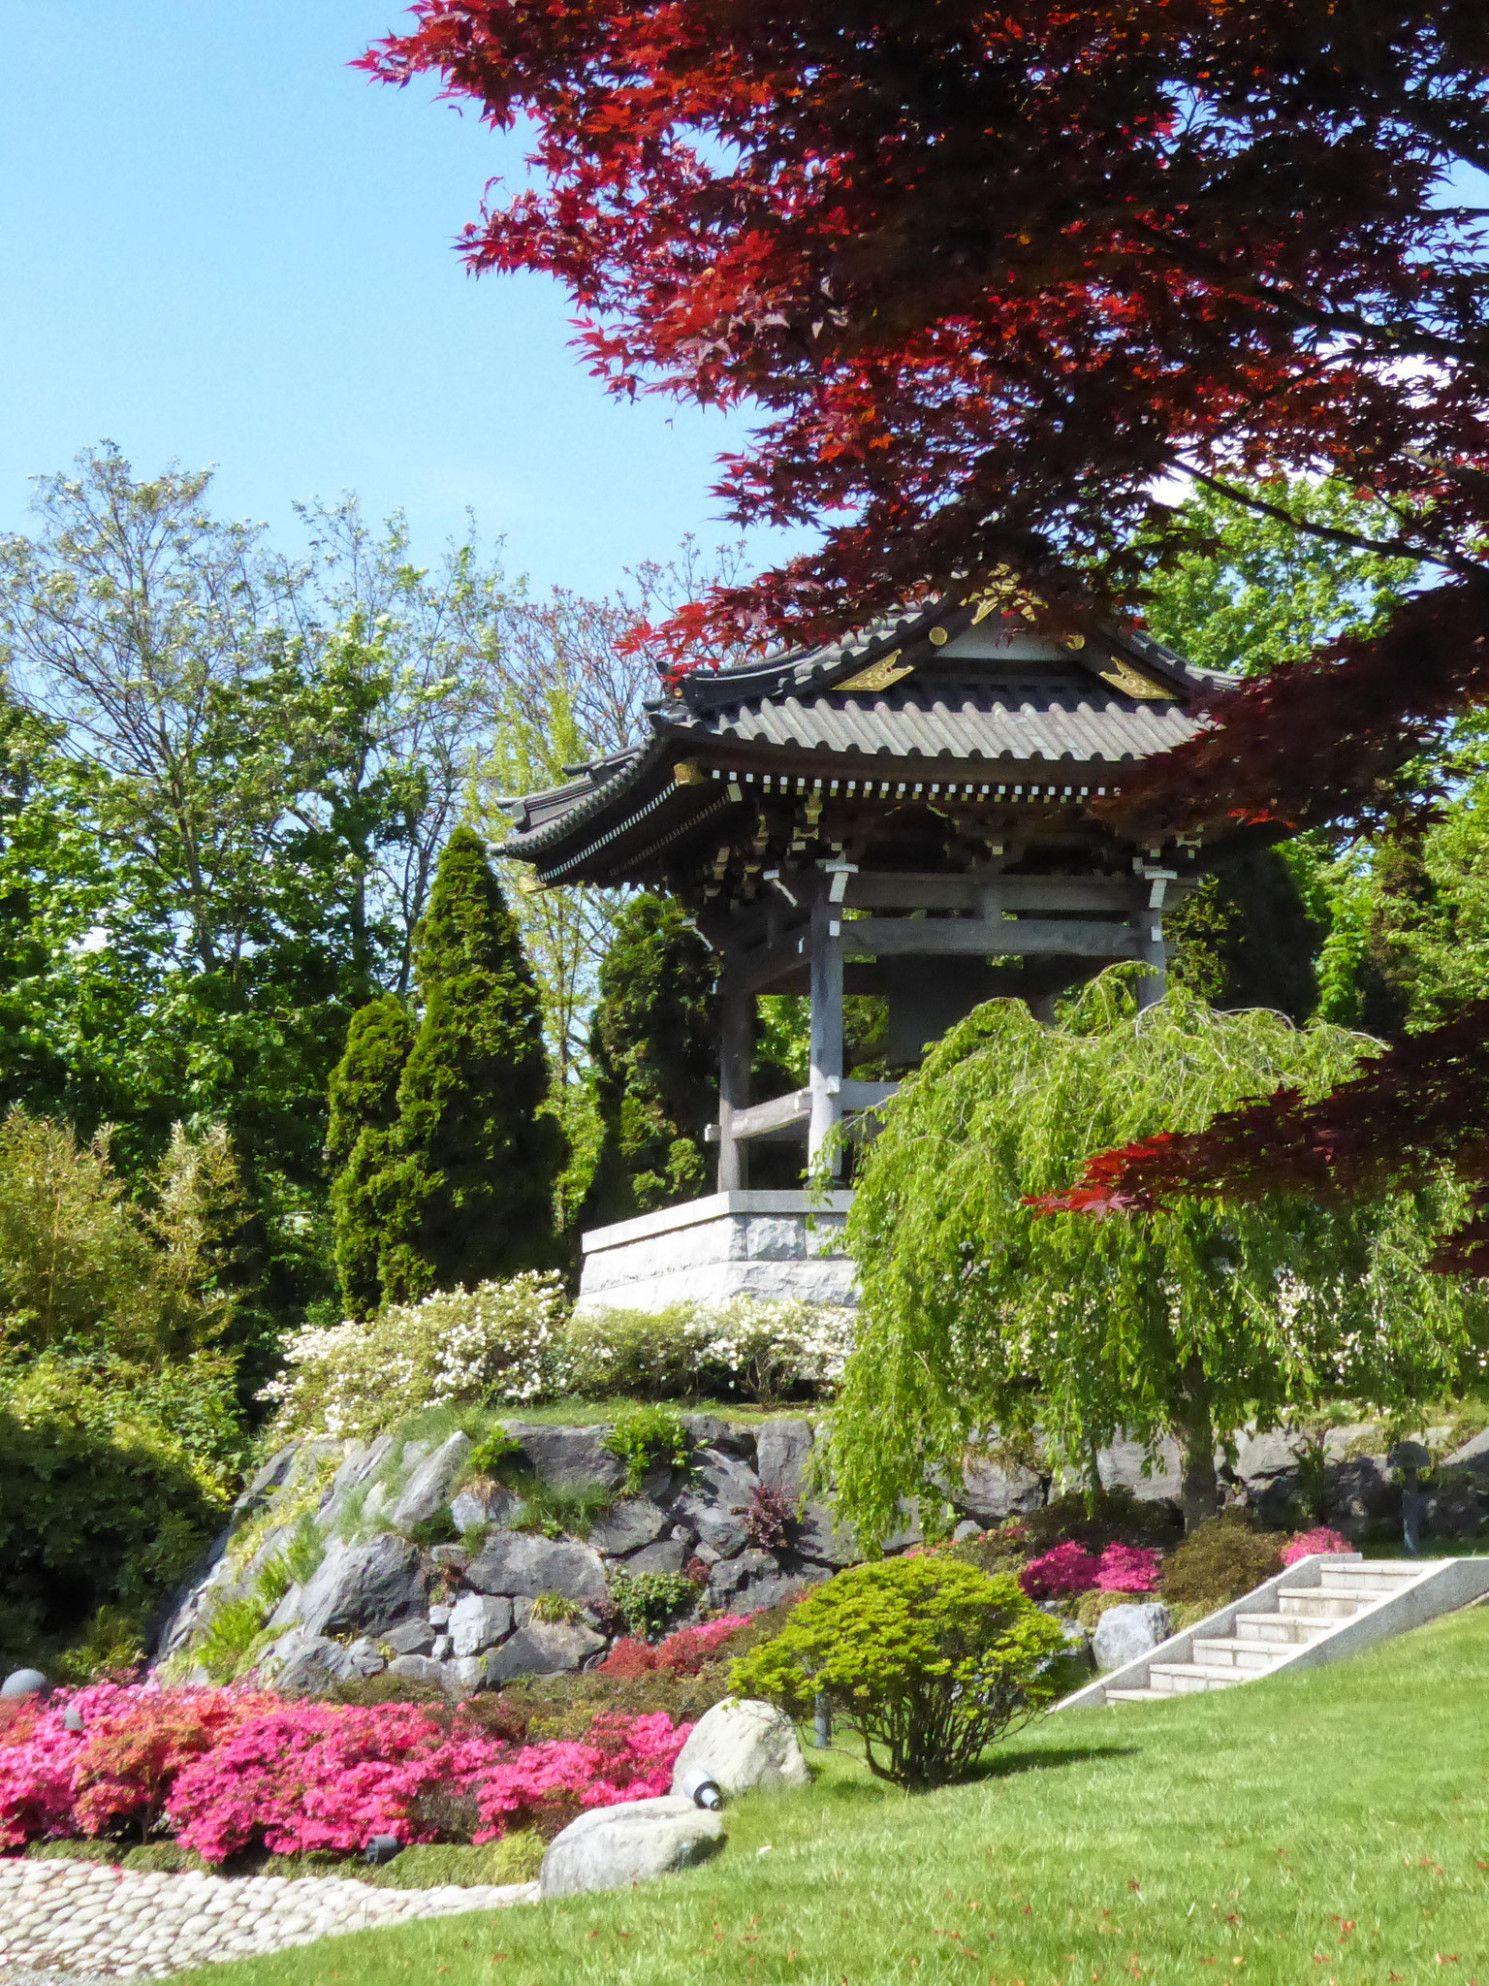 Japanischer Garten Dusseldorf Japanischer Garten Garten Japan